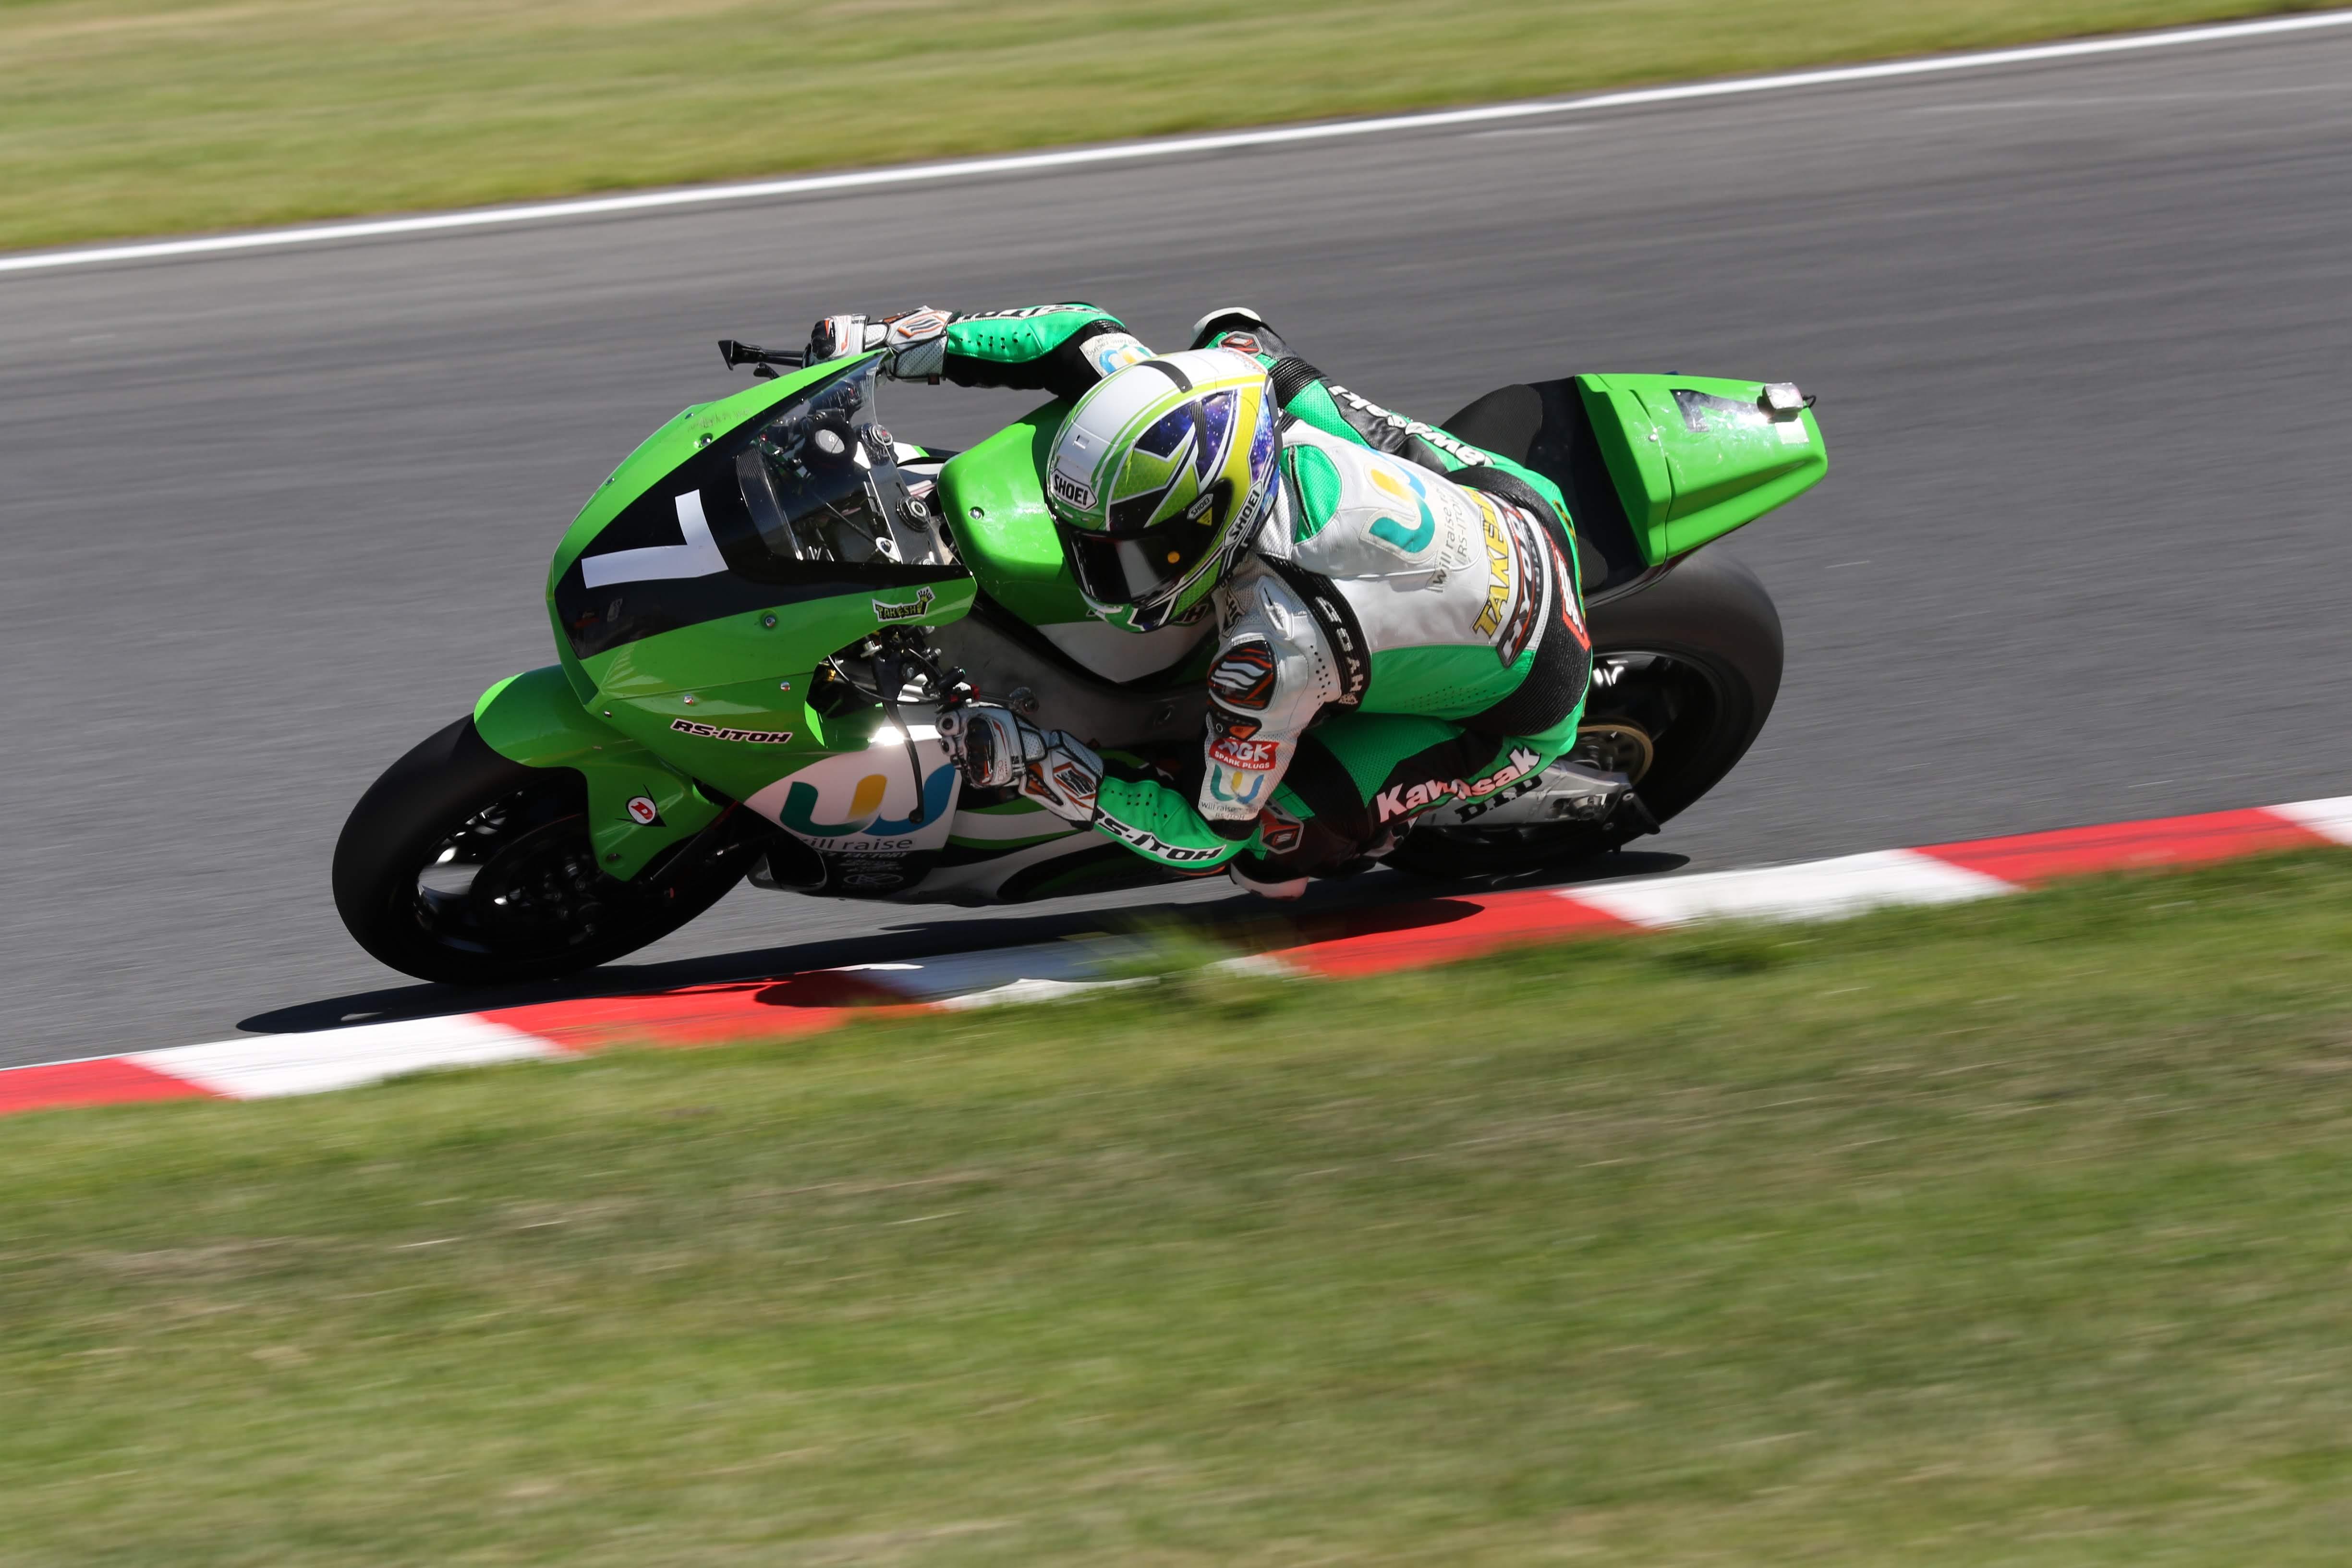 Motorzに全日本ロードレース選手権Rd.5公式予選・決勝レースヒート1の取材記事が公開されました。